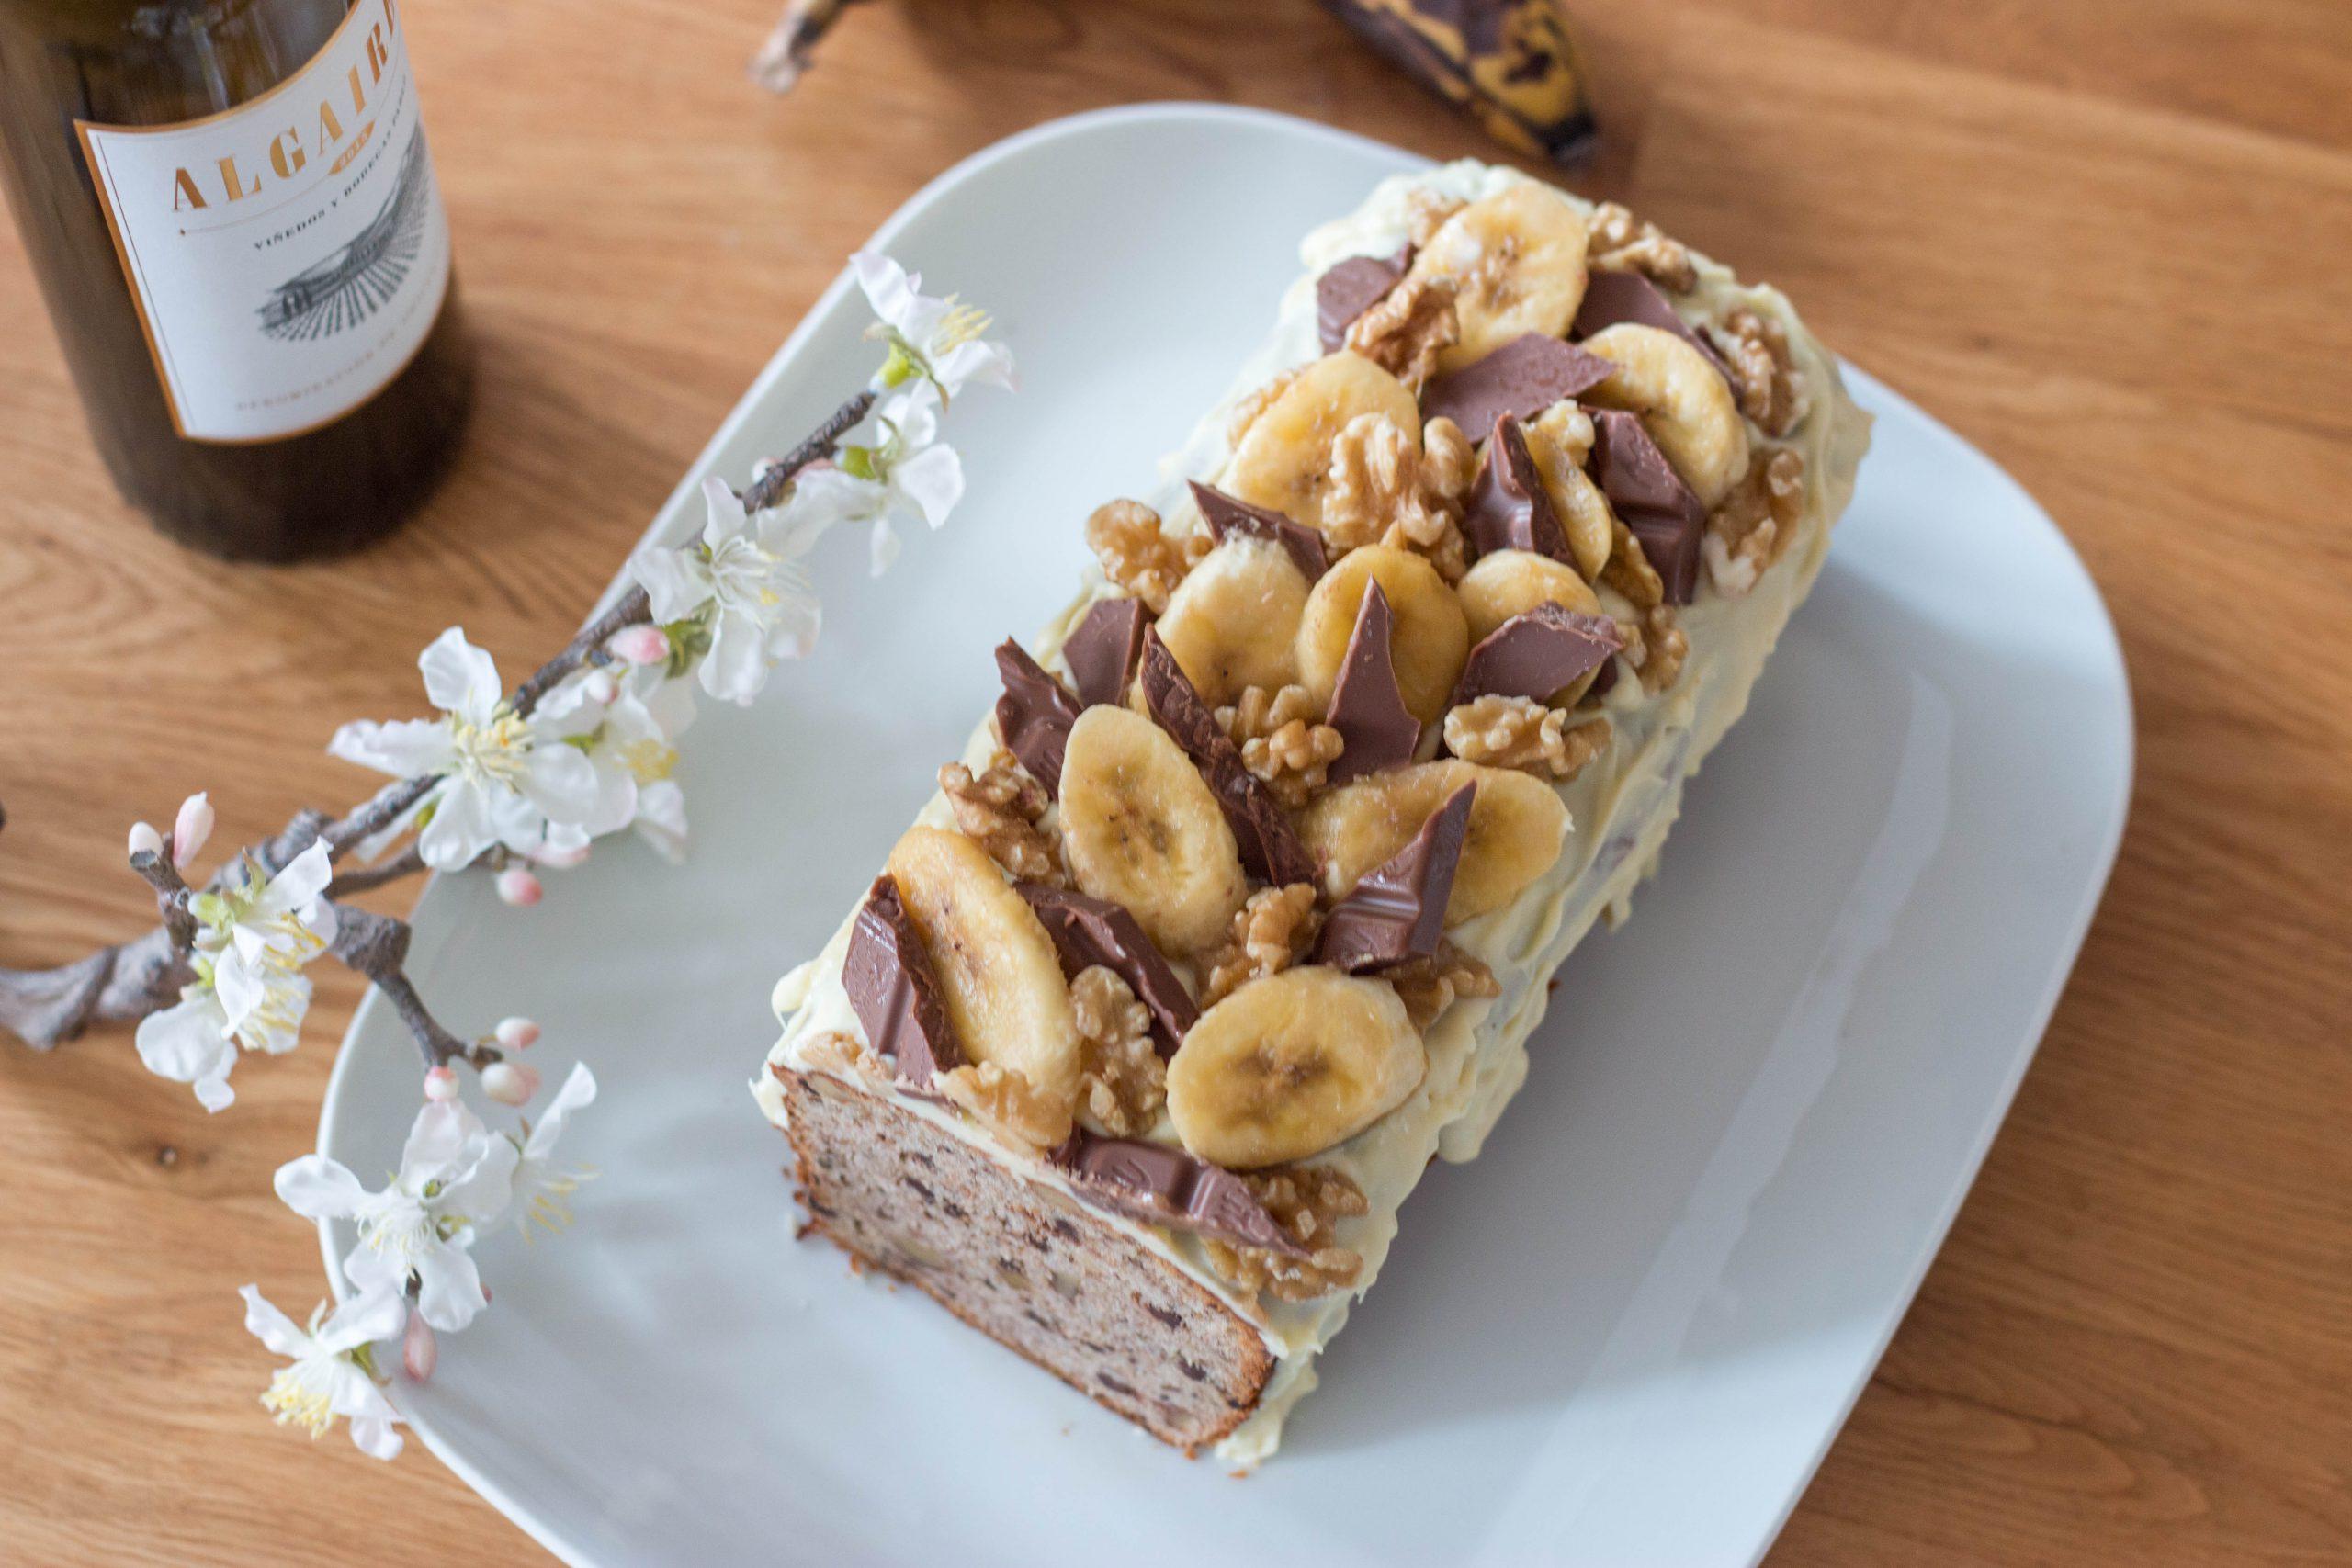 Bananen-Walnuss-Kuchen mit Schokolade